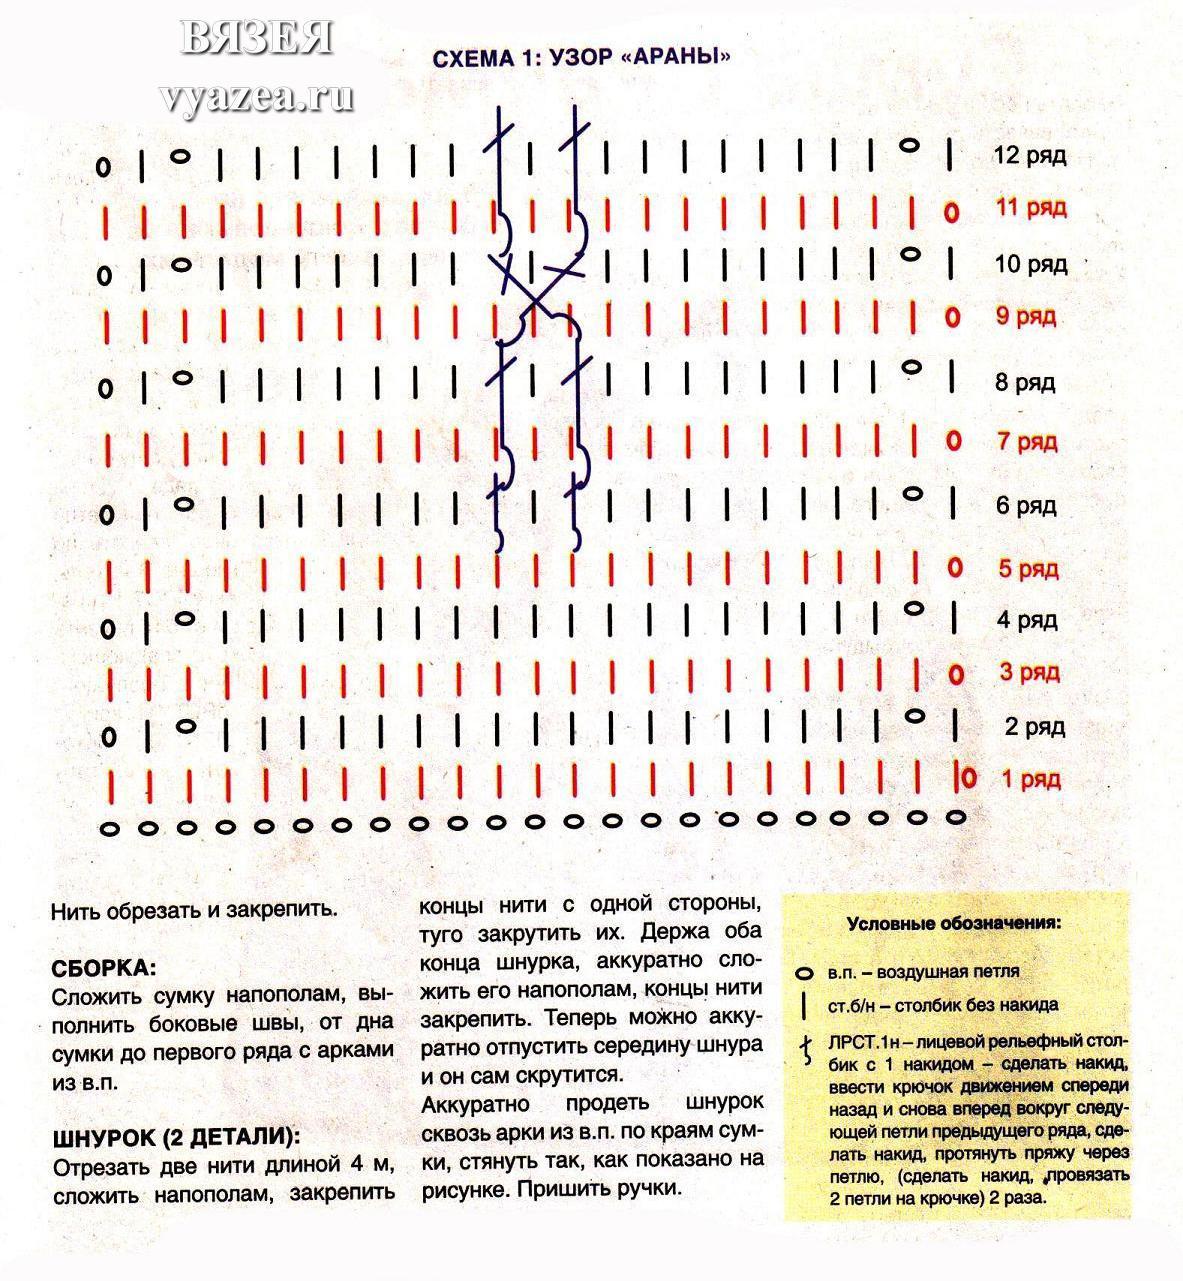 косметички вязаные крючком схема